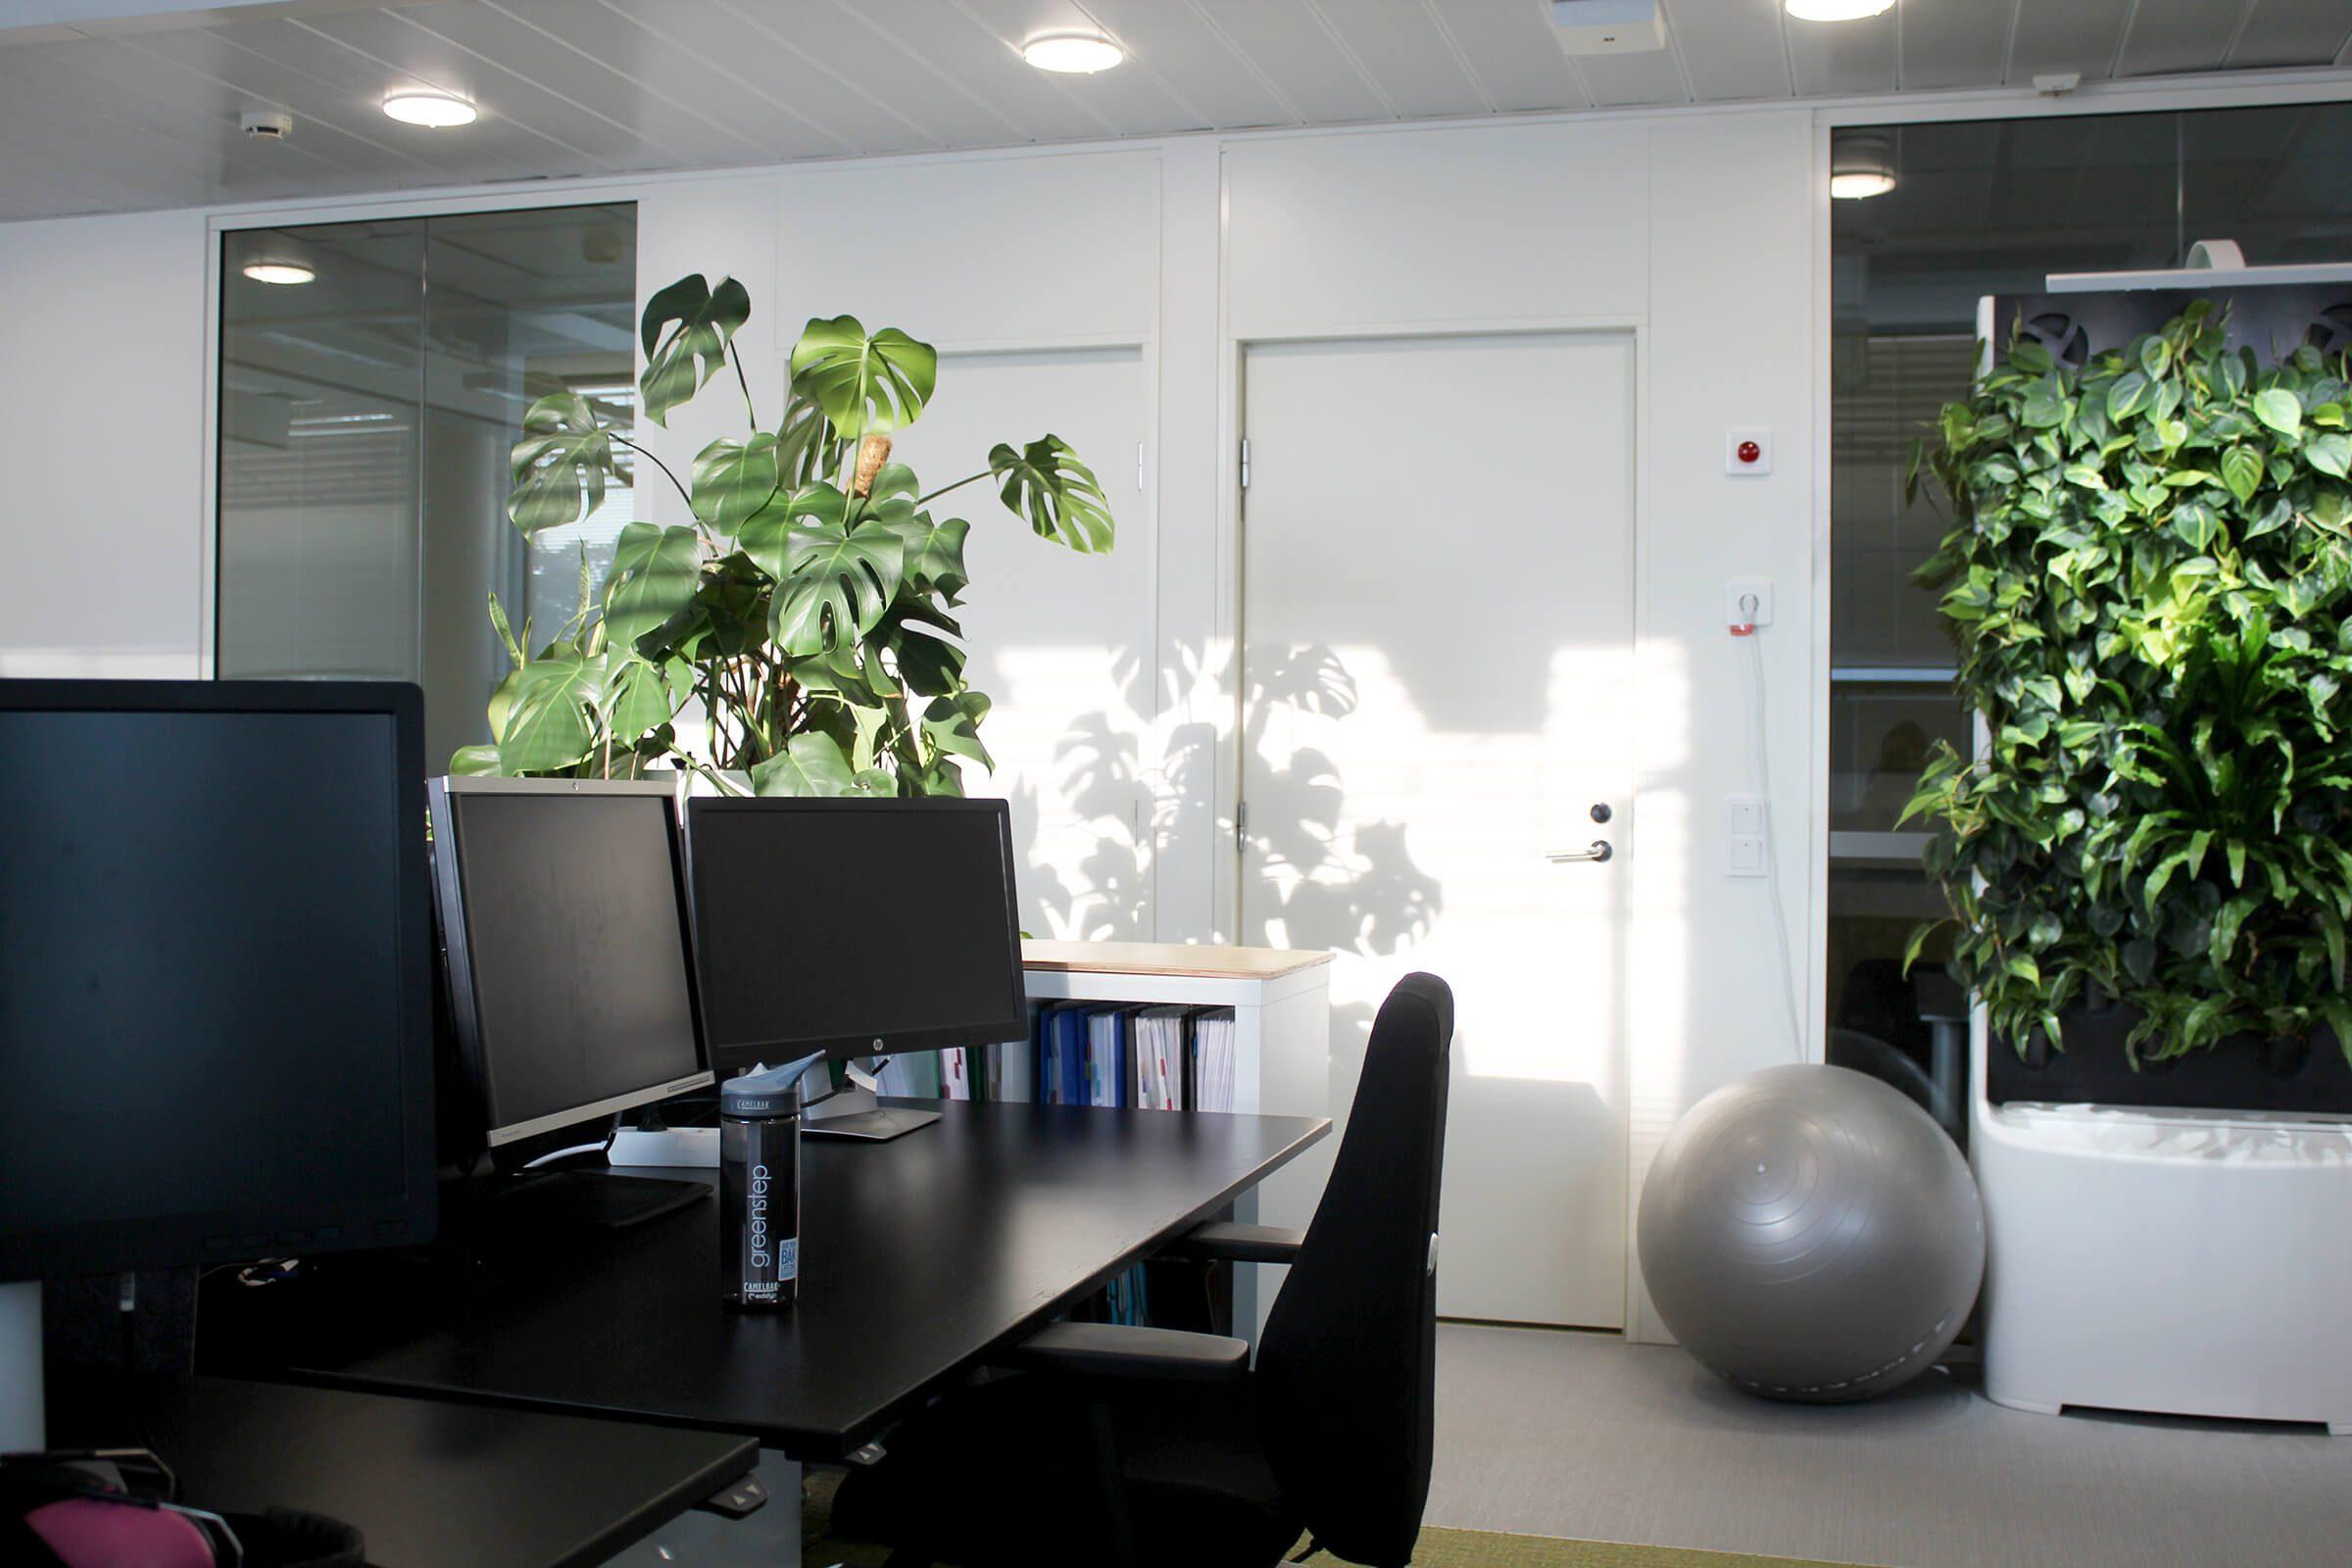 Tee toimistostasi viihtyisä keidas, poimi parhaat vinkit Habitaresta!